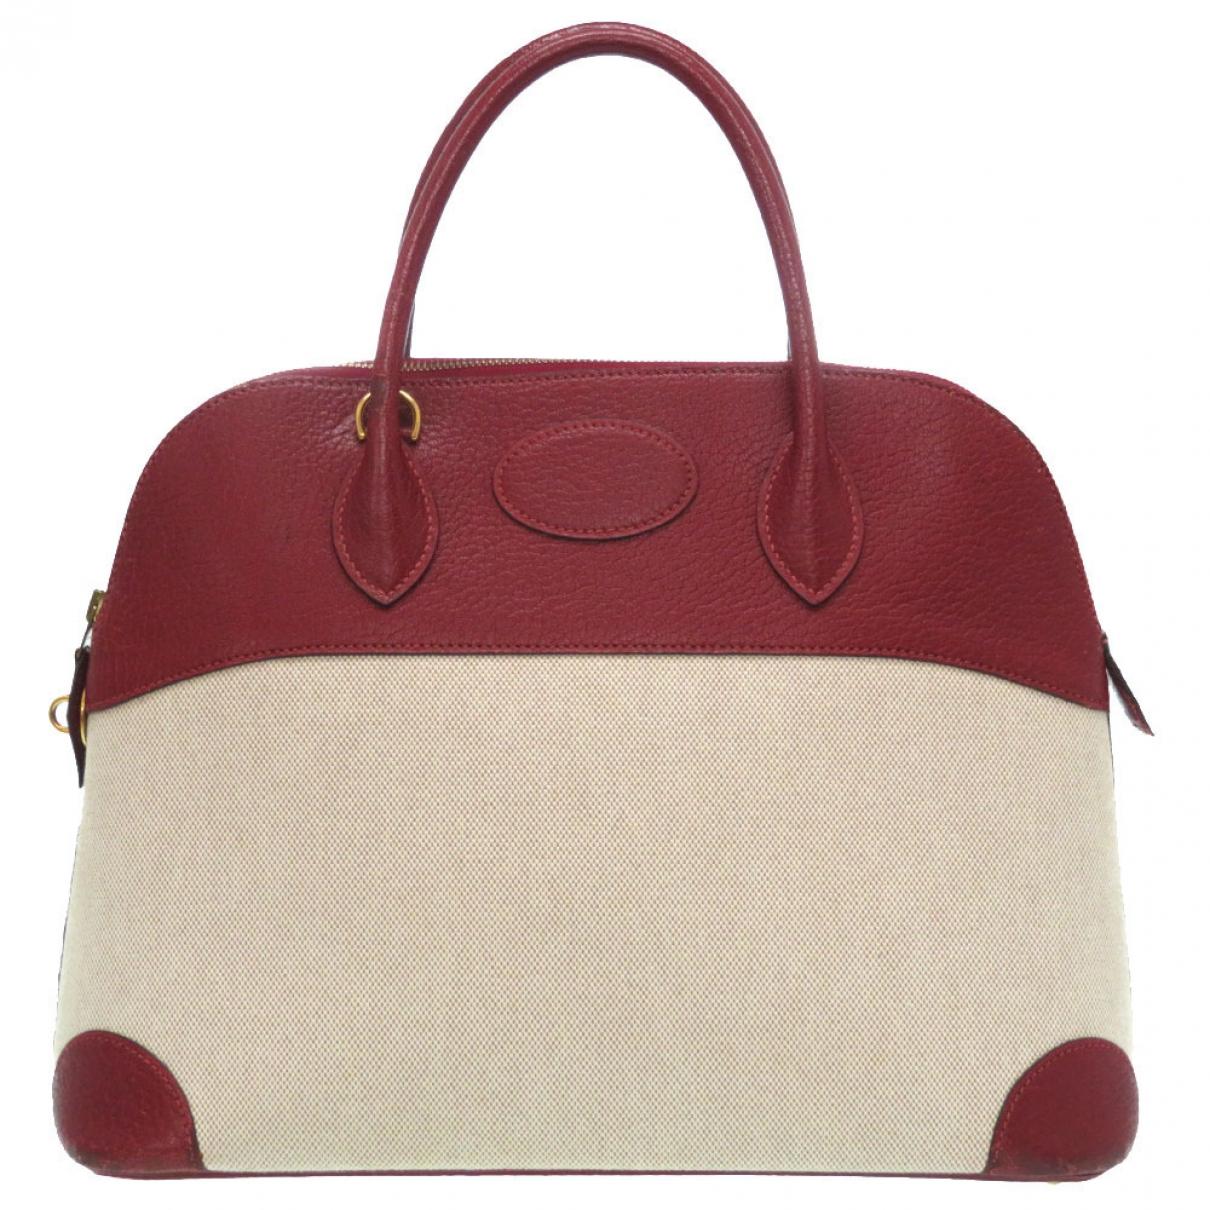 Hermes Bolide Handtasche in  Beige Leinen